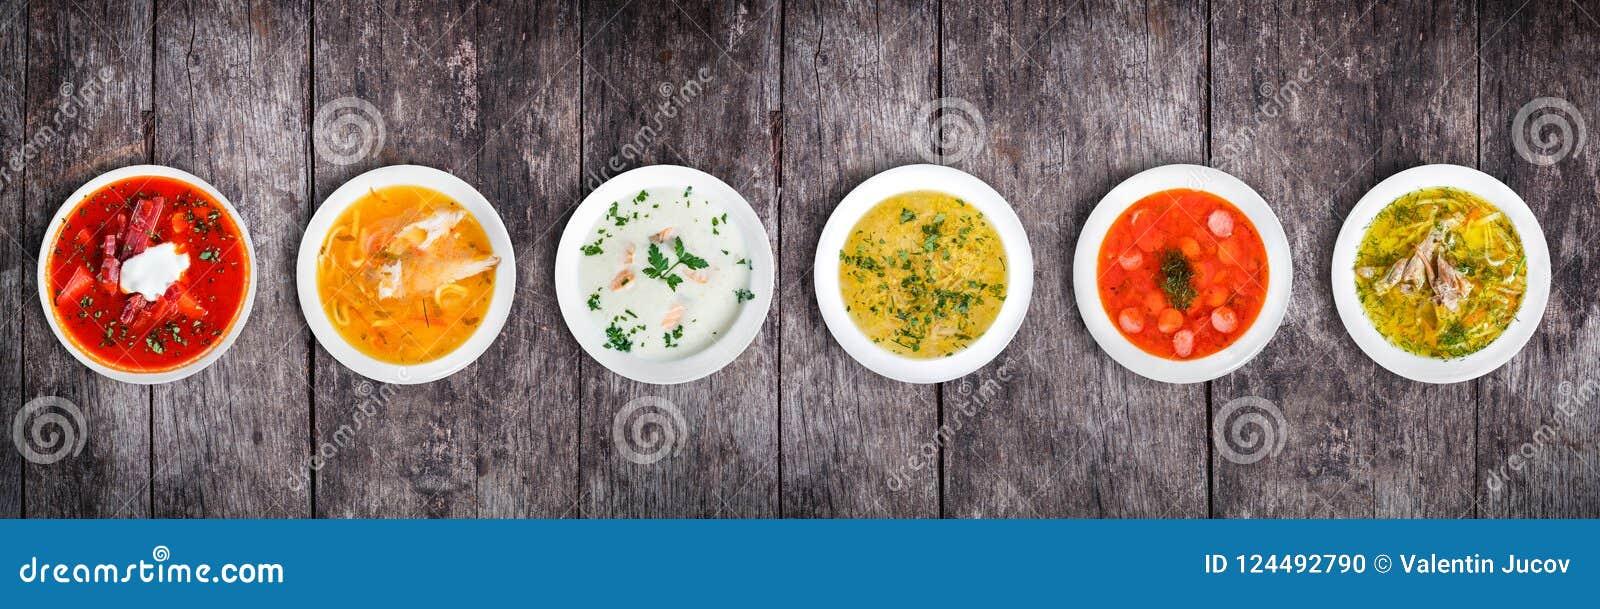 Sistema de sopas de las cocinas mundiales, comida sana